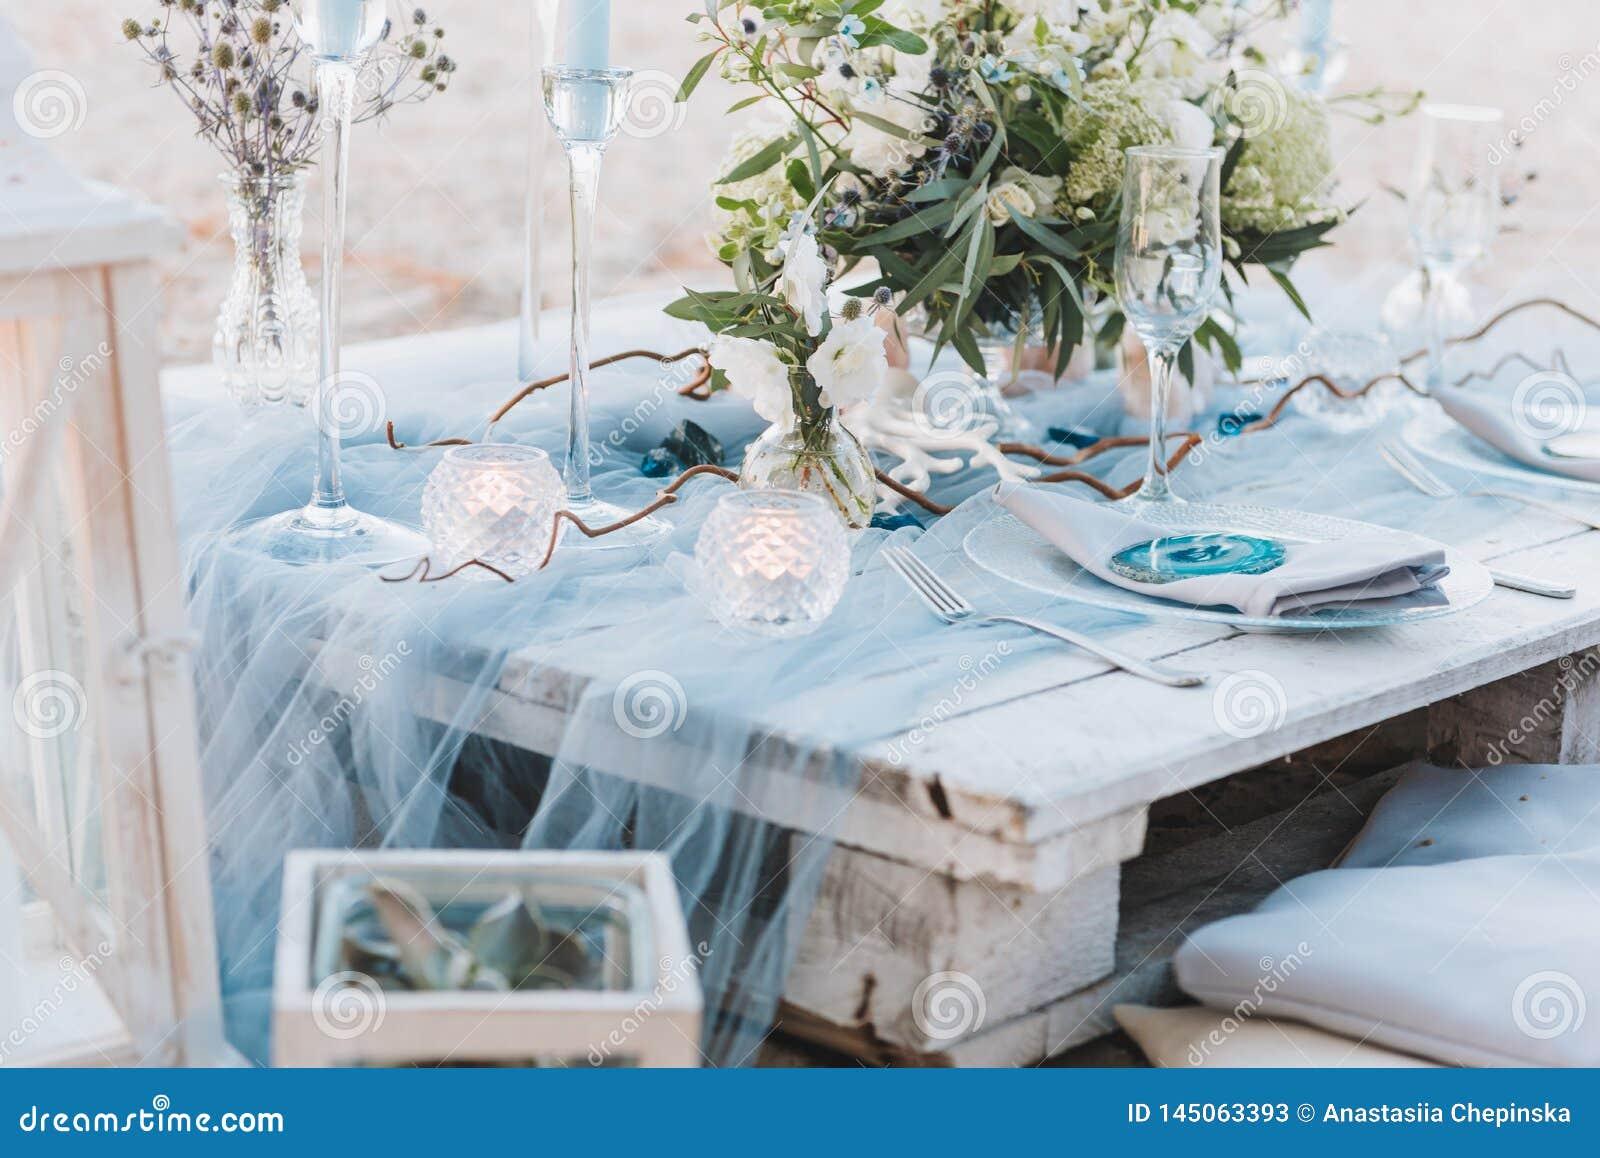 Tabla elegante puesta en los pasteles azules para una boda de playa